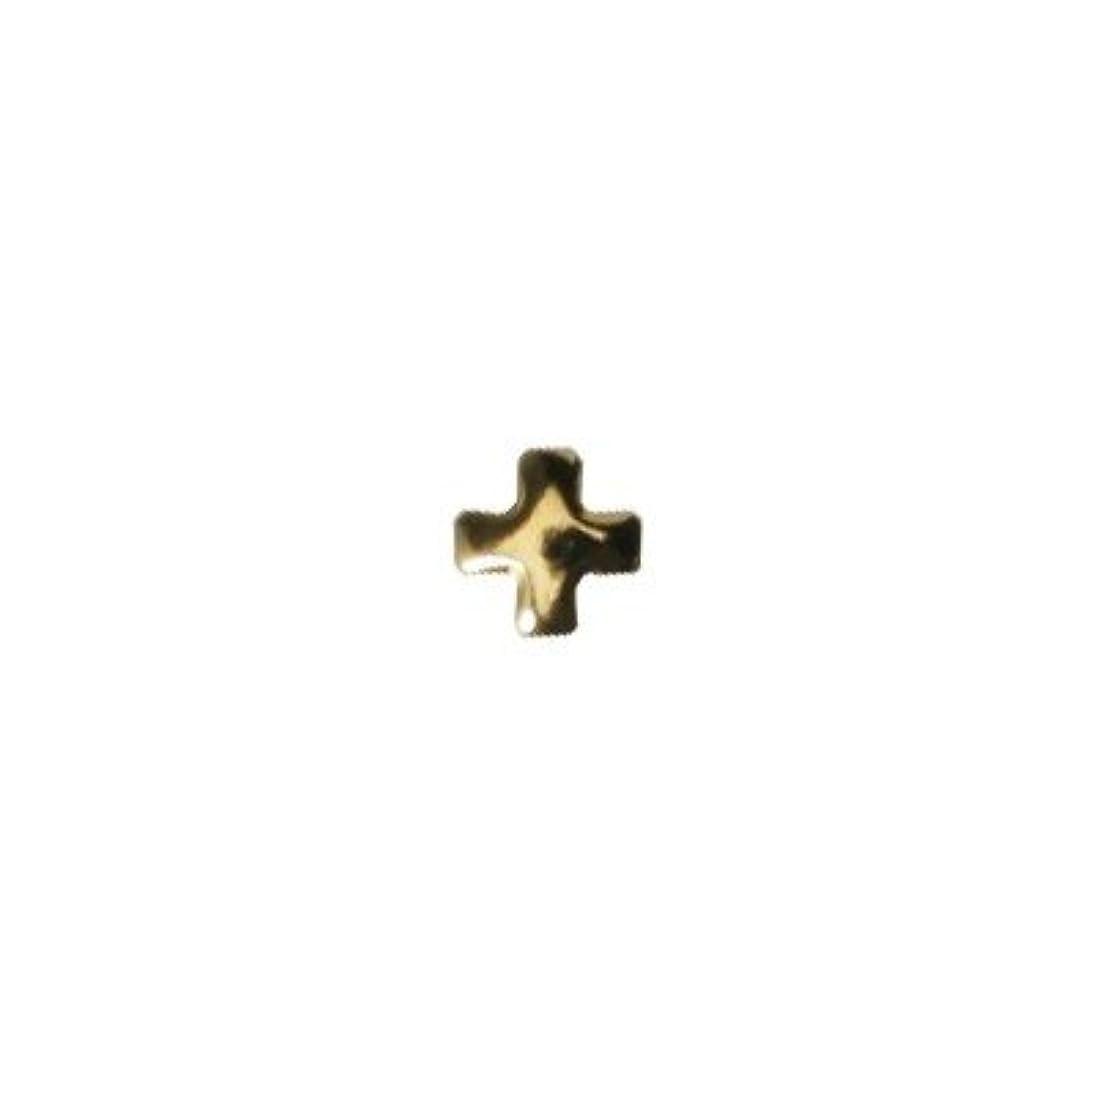 異議ショット高原ピアドラ スタッズ クロスレット 2mm 50P ゴールド